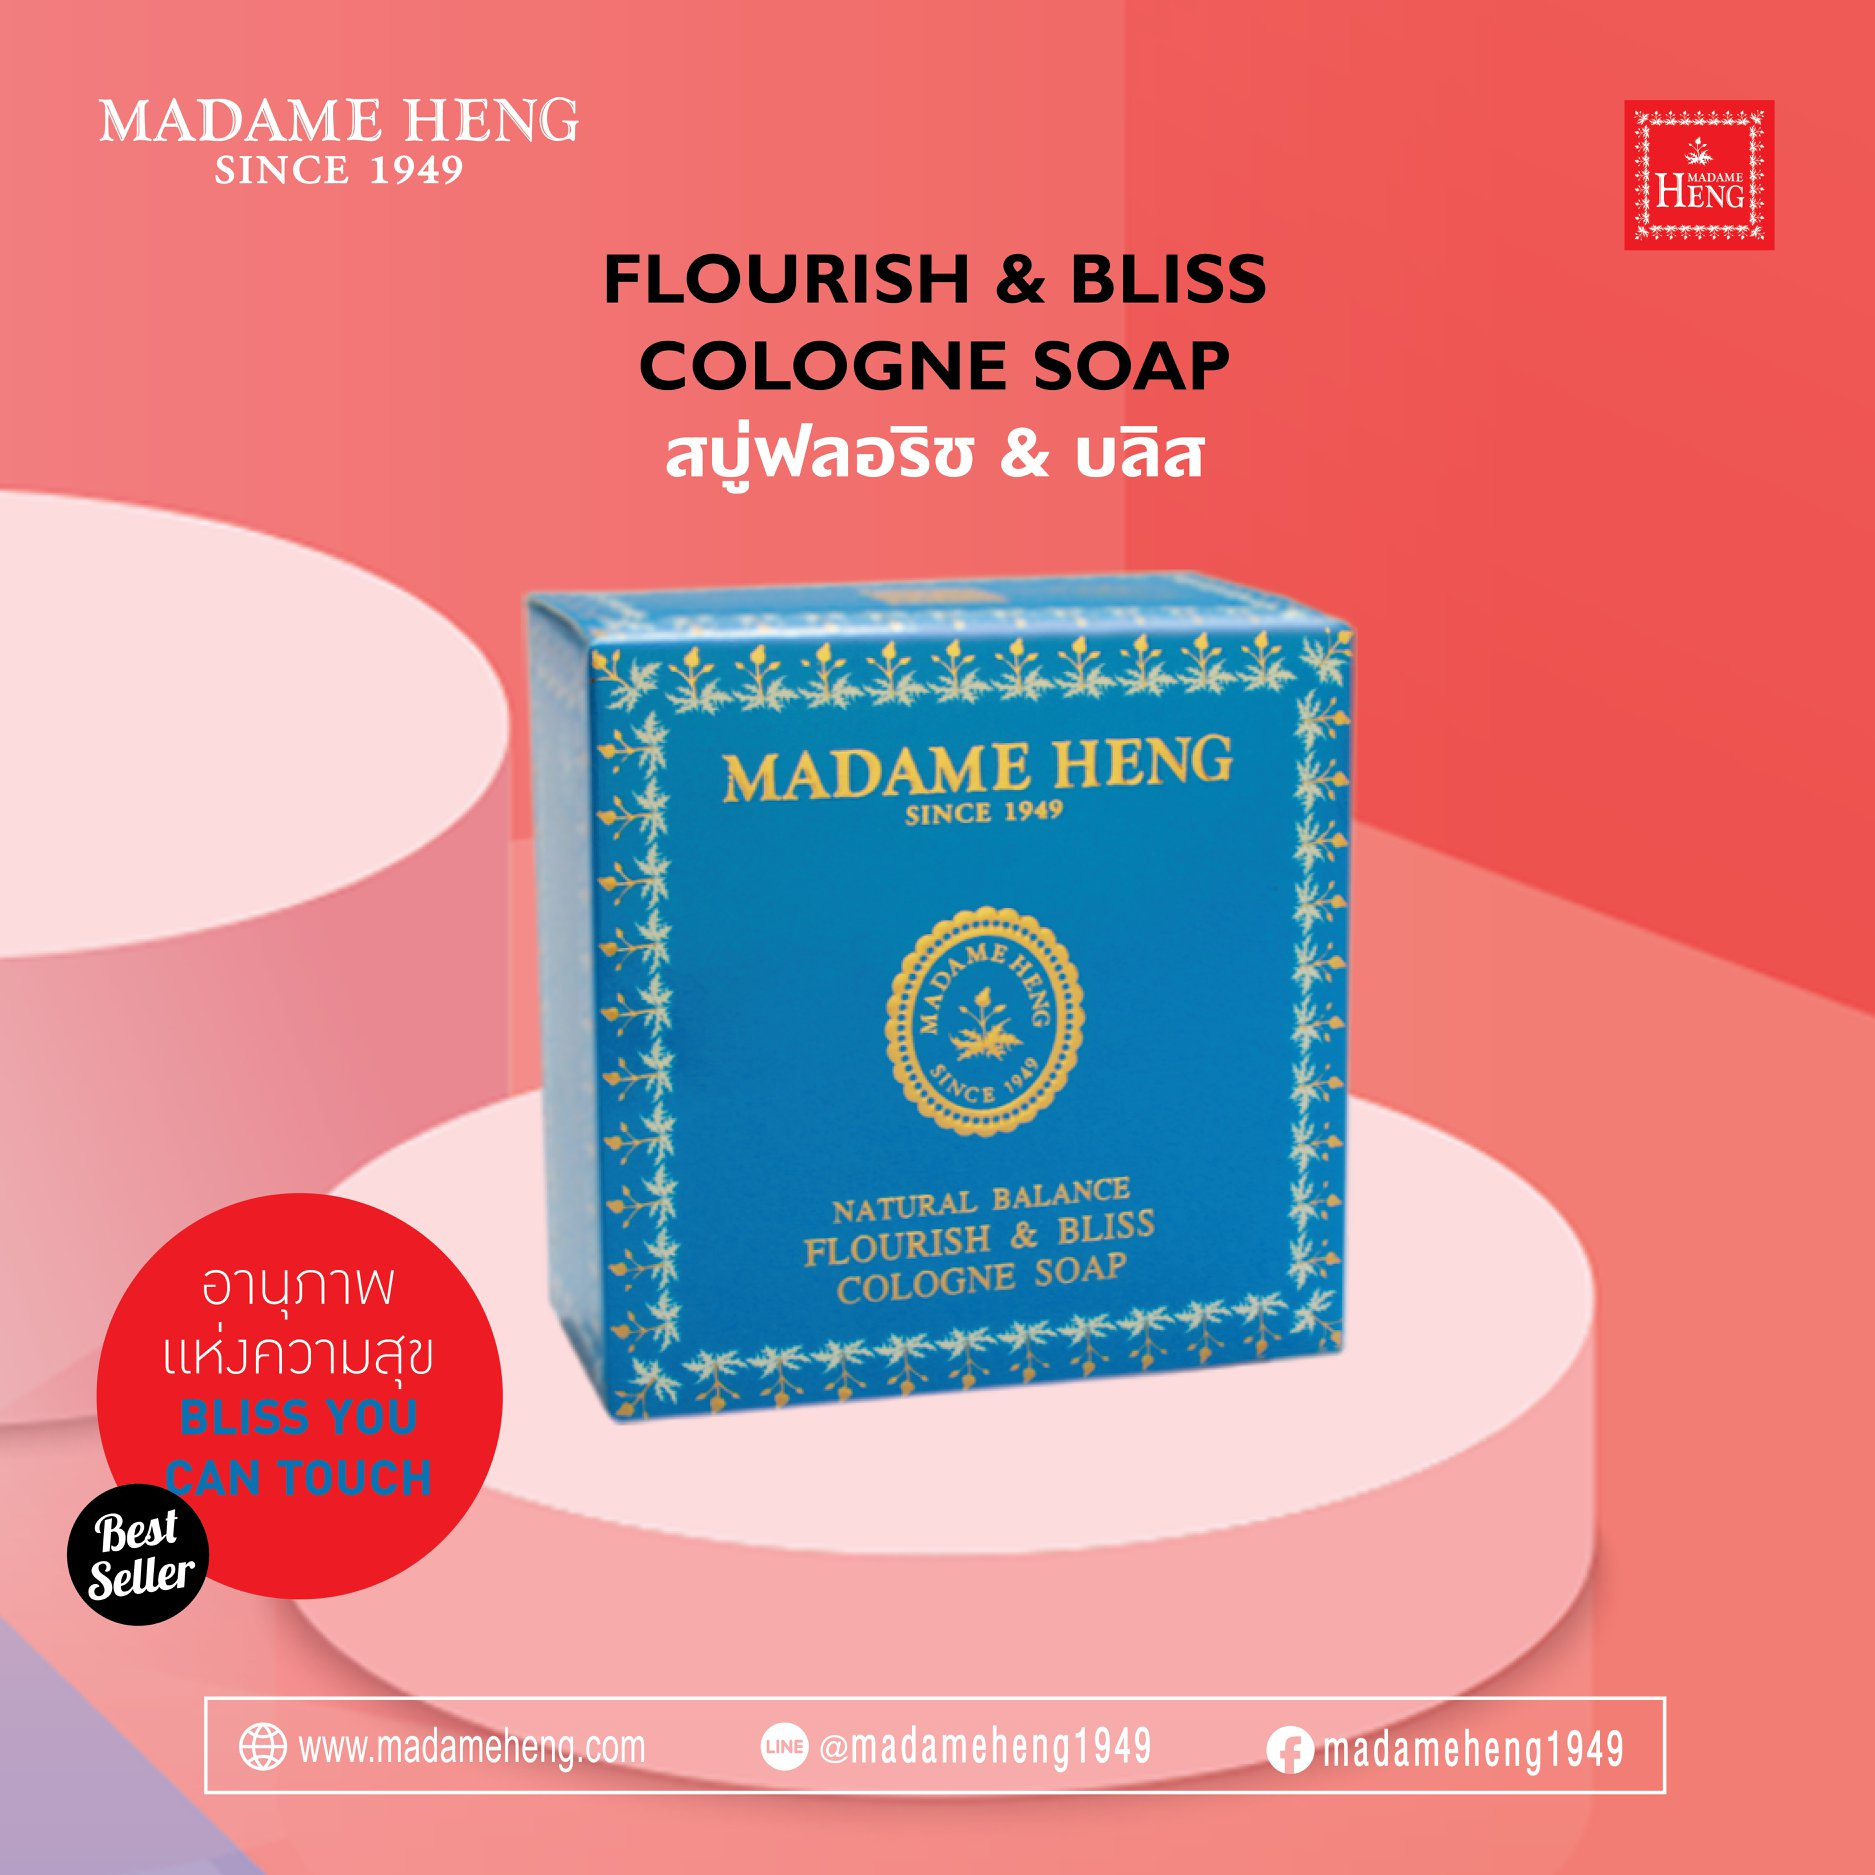 ✨ อานุภาพแห่งความสุข ✨ FLOURISH & BLISS COLOGNE SOAP สบู่ฟลอริช แอนด์ บลิส สูตรต้นตำรับมาดามเฮง มอบความหอมเย็น สดชื่น ให้ความกระปรี้กระเปร่า กระตุ้นพลังในตัวให้มีชีวิตชีวารู้สึกสบาย ผ่อนคลายทั้งร่างกาย และจิตใจ หลังจากผ่านวันอันเหนื่อยล้า เคร่งเครียด ปกป้องดูแลผิวที่มีปัญหา ให้ผลลัพธ์ลดการระคายเคือง ลดสิว กลิ่นกาย ผดผื่นคันจากอากาศร้อนอบอ้าว อย่างมีประสิทธิภาพ บำรุงผิวให้นุ่มเนียน มีกลิ่นหอม คลายความตึงเครียดและเติมพลังชีวิตในแต่ละวันของคุณ ด้วยอานุภาพแห่งความสุขที่สัมผัสได้